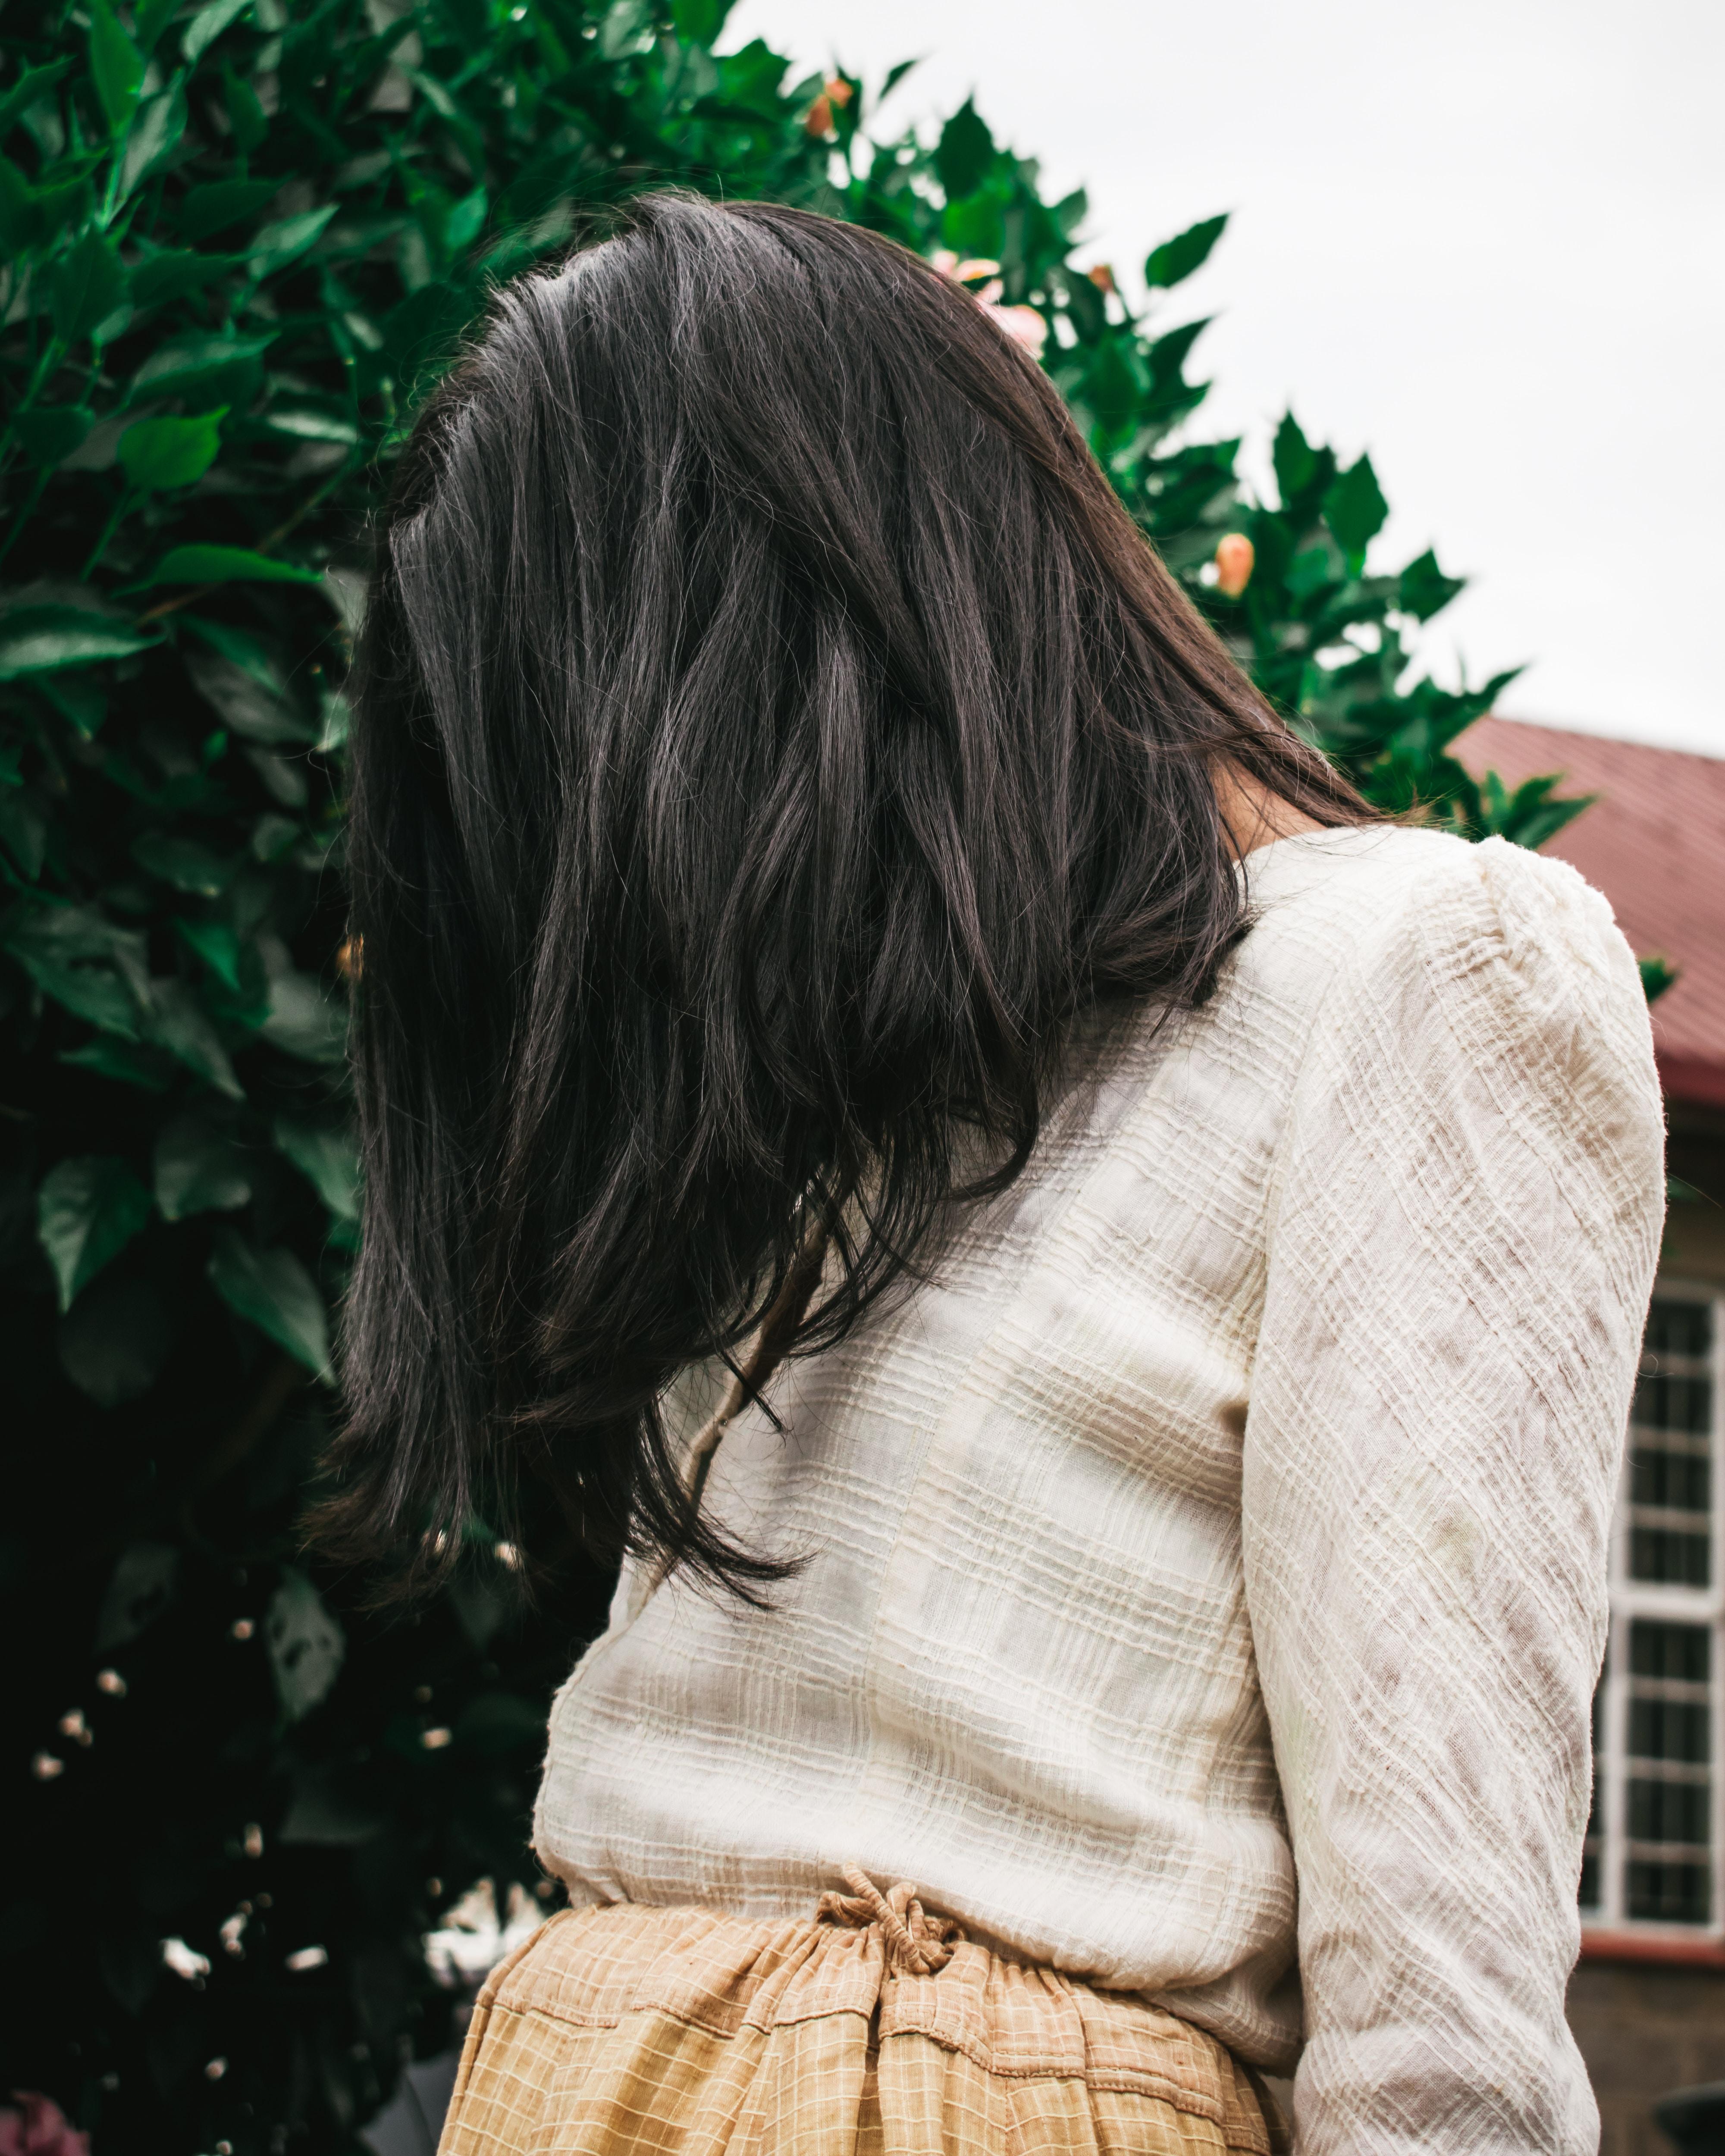 woman in beige long-sleeved top